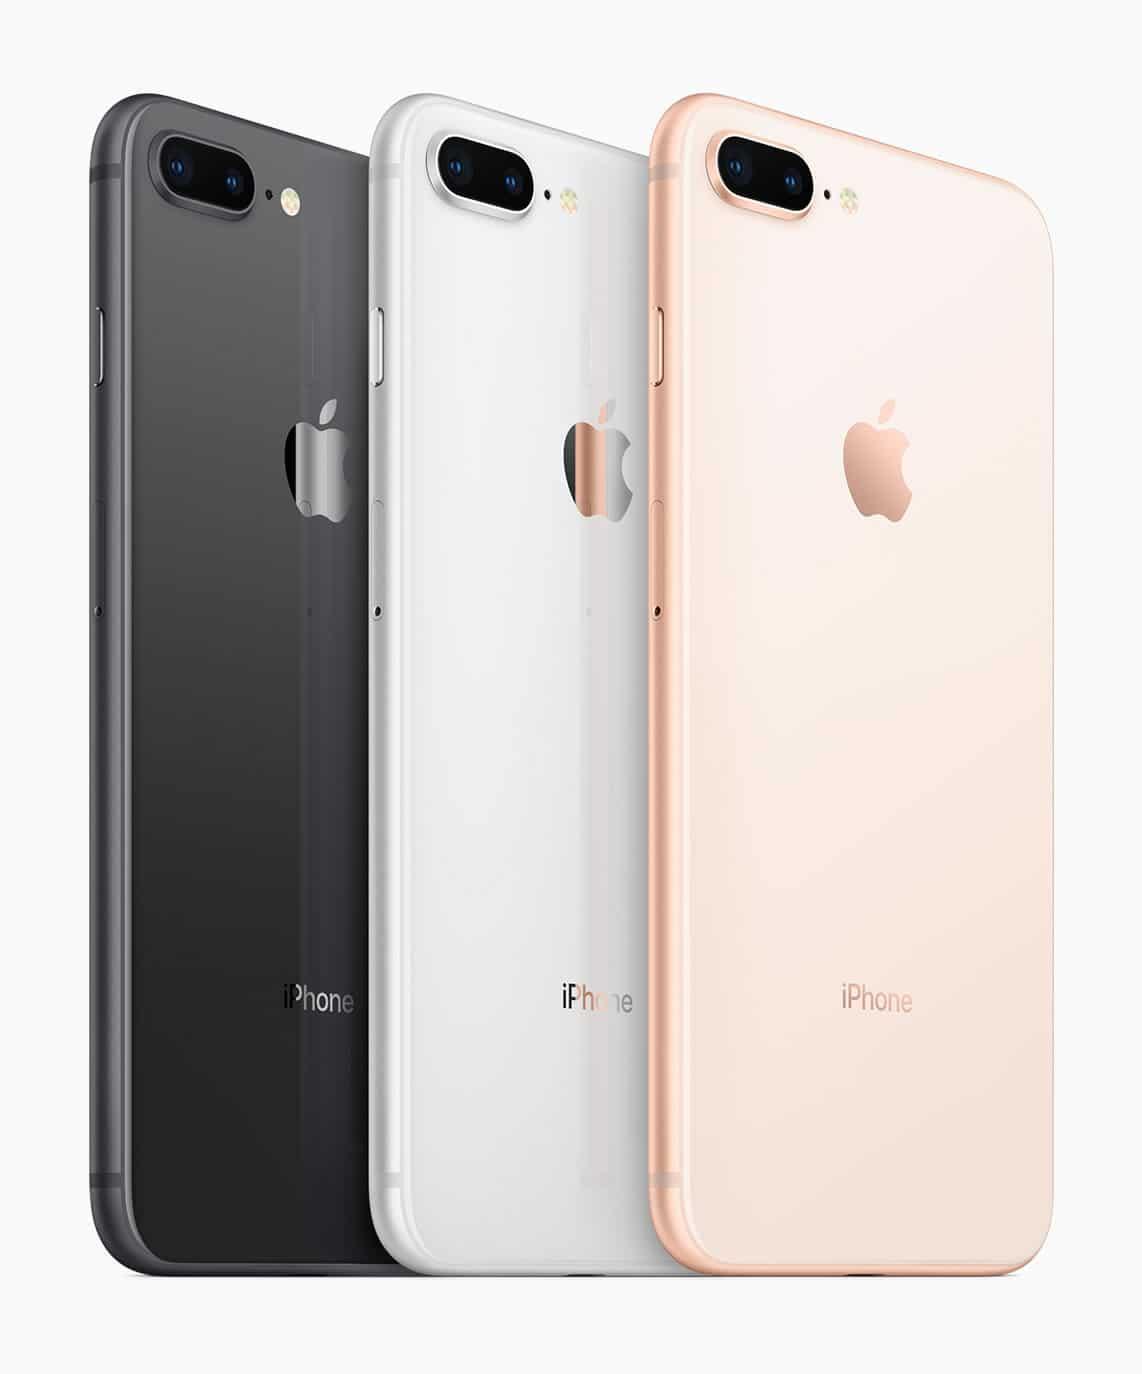 Colores del iPhone 8 y iPhone 8 Plus.